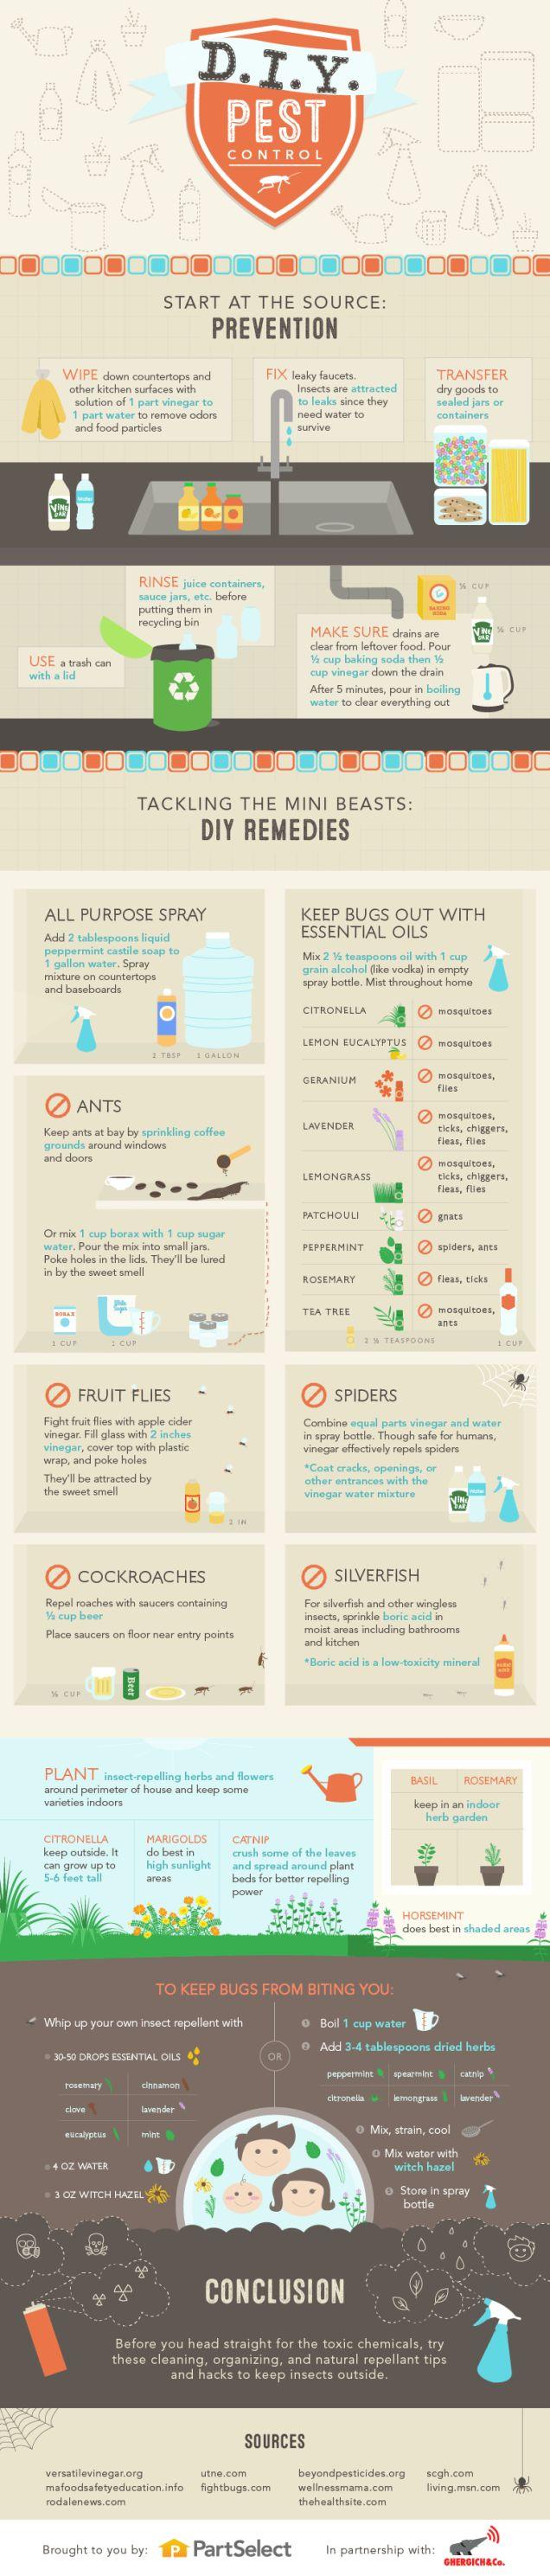 Bricolaje Pest recetas de control para un Bug gratuita Inicio